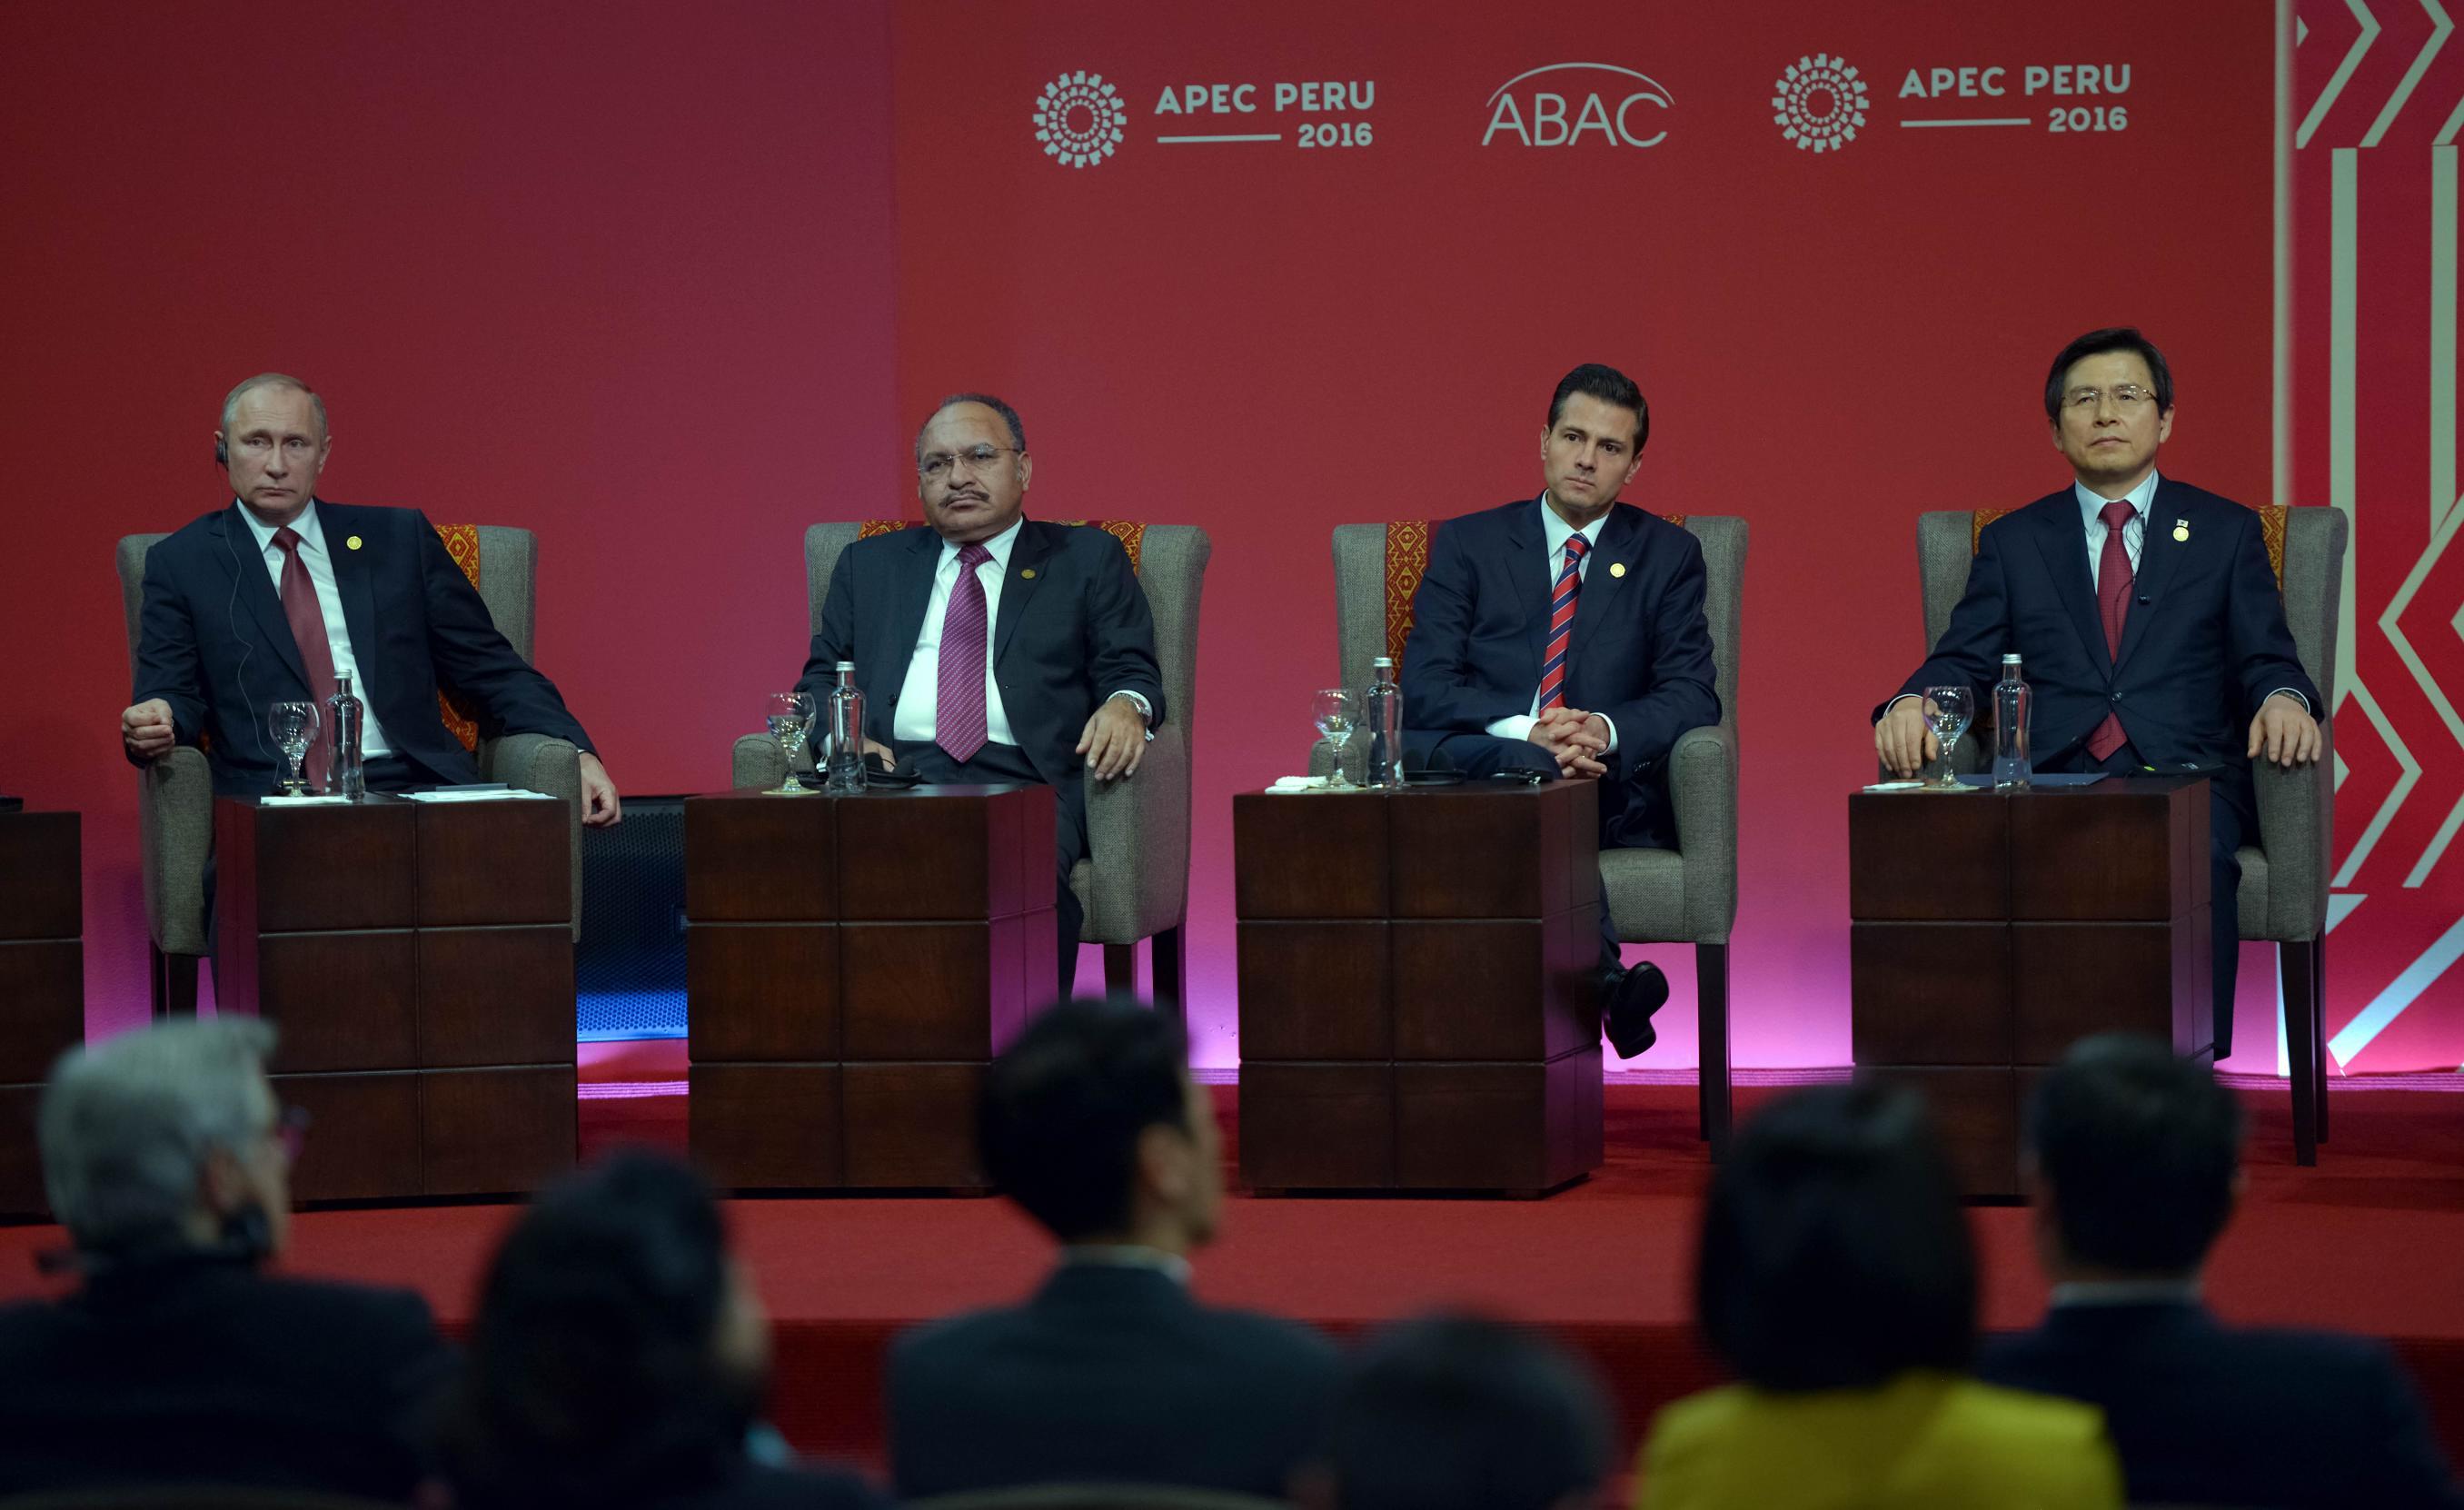 """""""Ahora, más que nunca, el reto es avanzar hacia una integración económica incluyente como mecanismo de prosperidad para nuestras sociedades"""": EPN"""